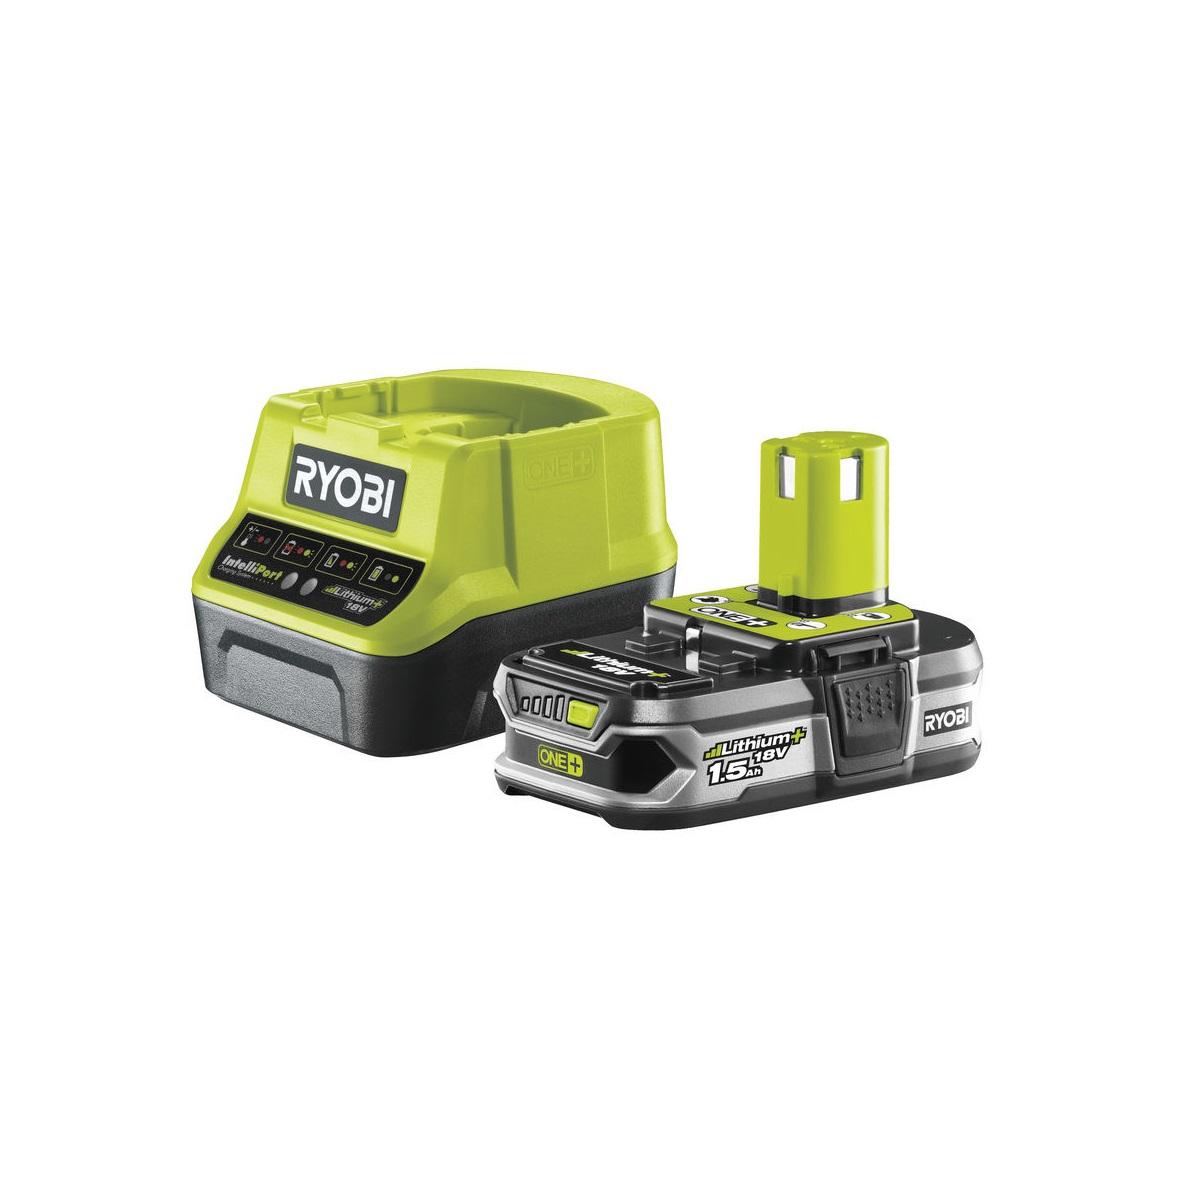 Ryobi RC18120-115, sada 18 V lithium iontová baterie 1,5 Ah s nabíječkou RC18120 ONE+